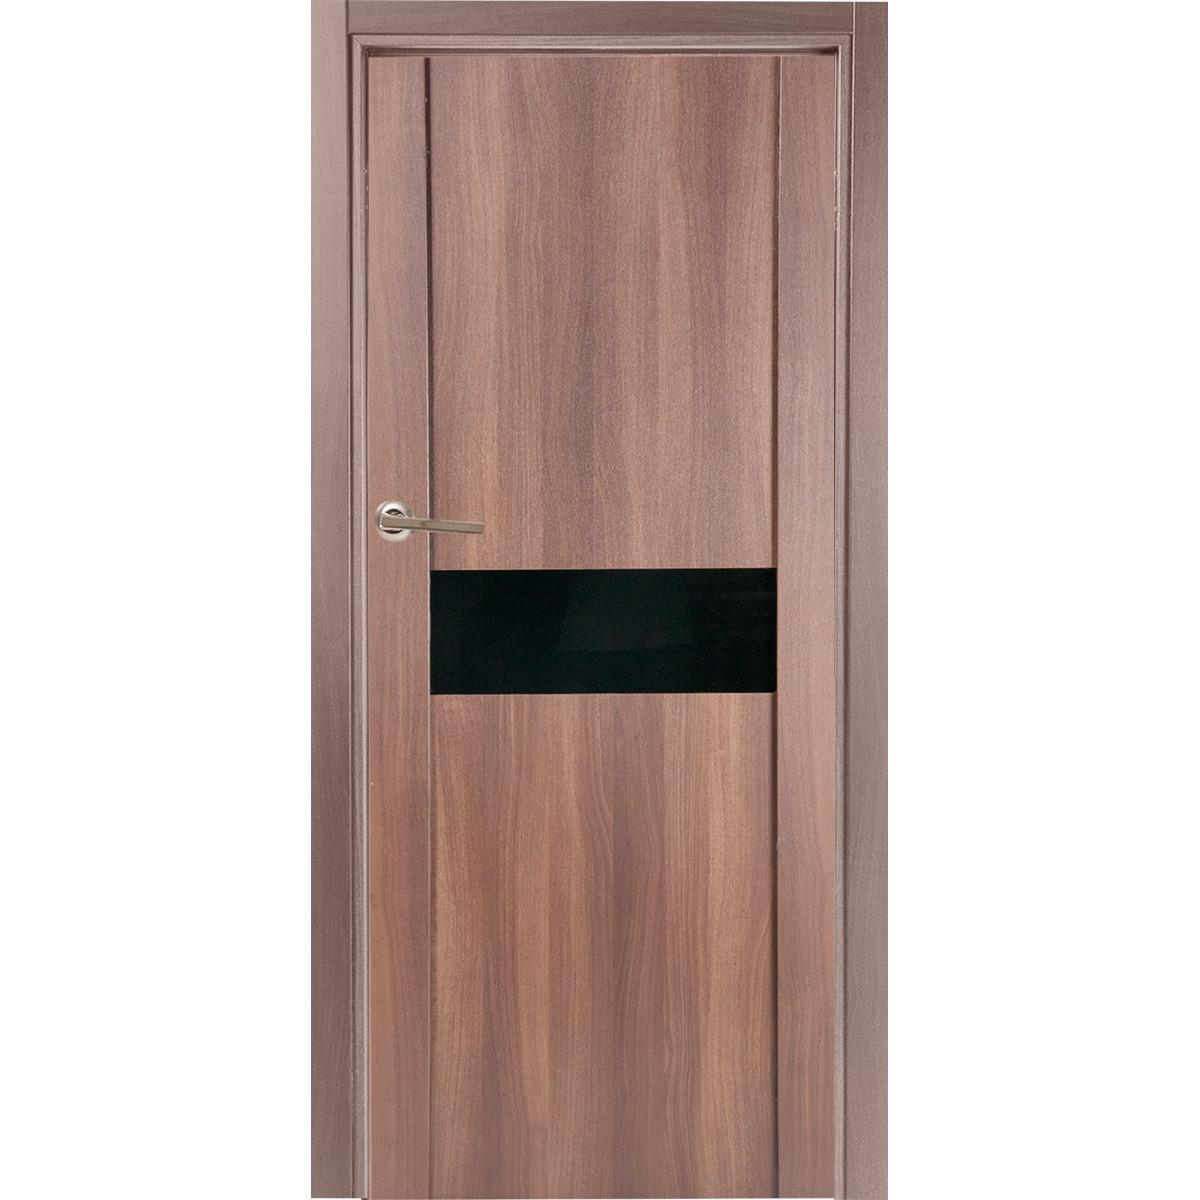 Дверь Межкомнатная Остеклённая Artens Велдон 60x200 Цвет Мокко Без Фурнитуры